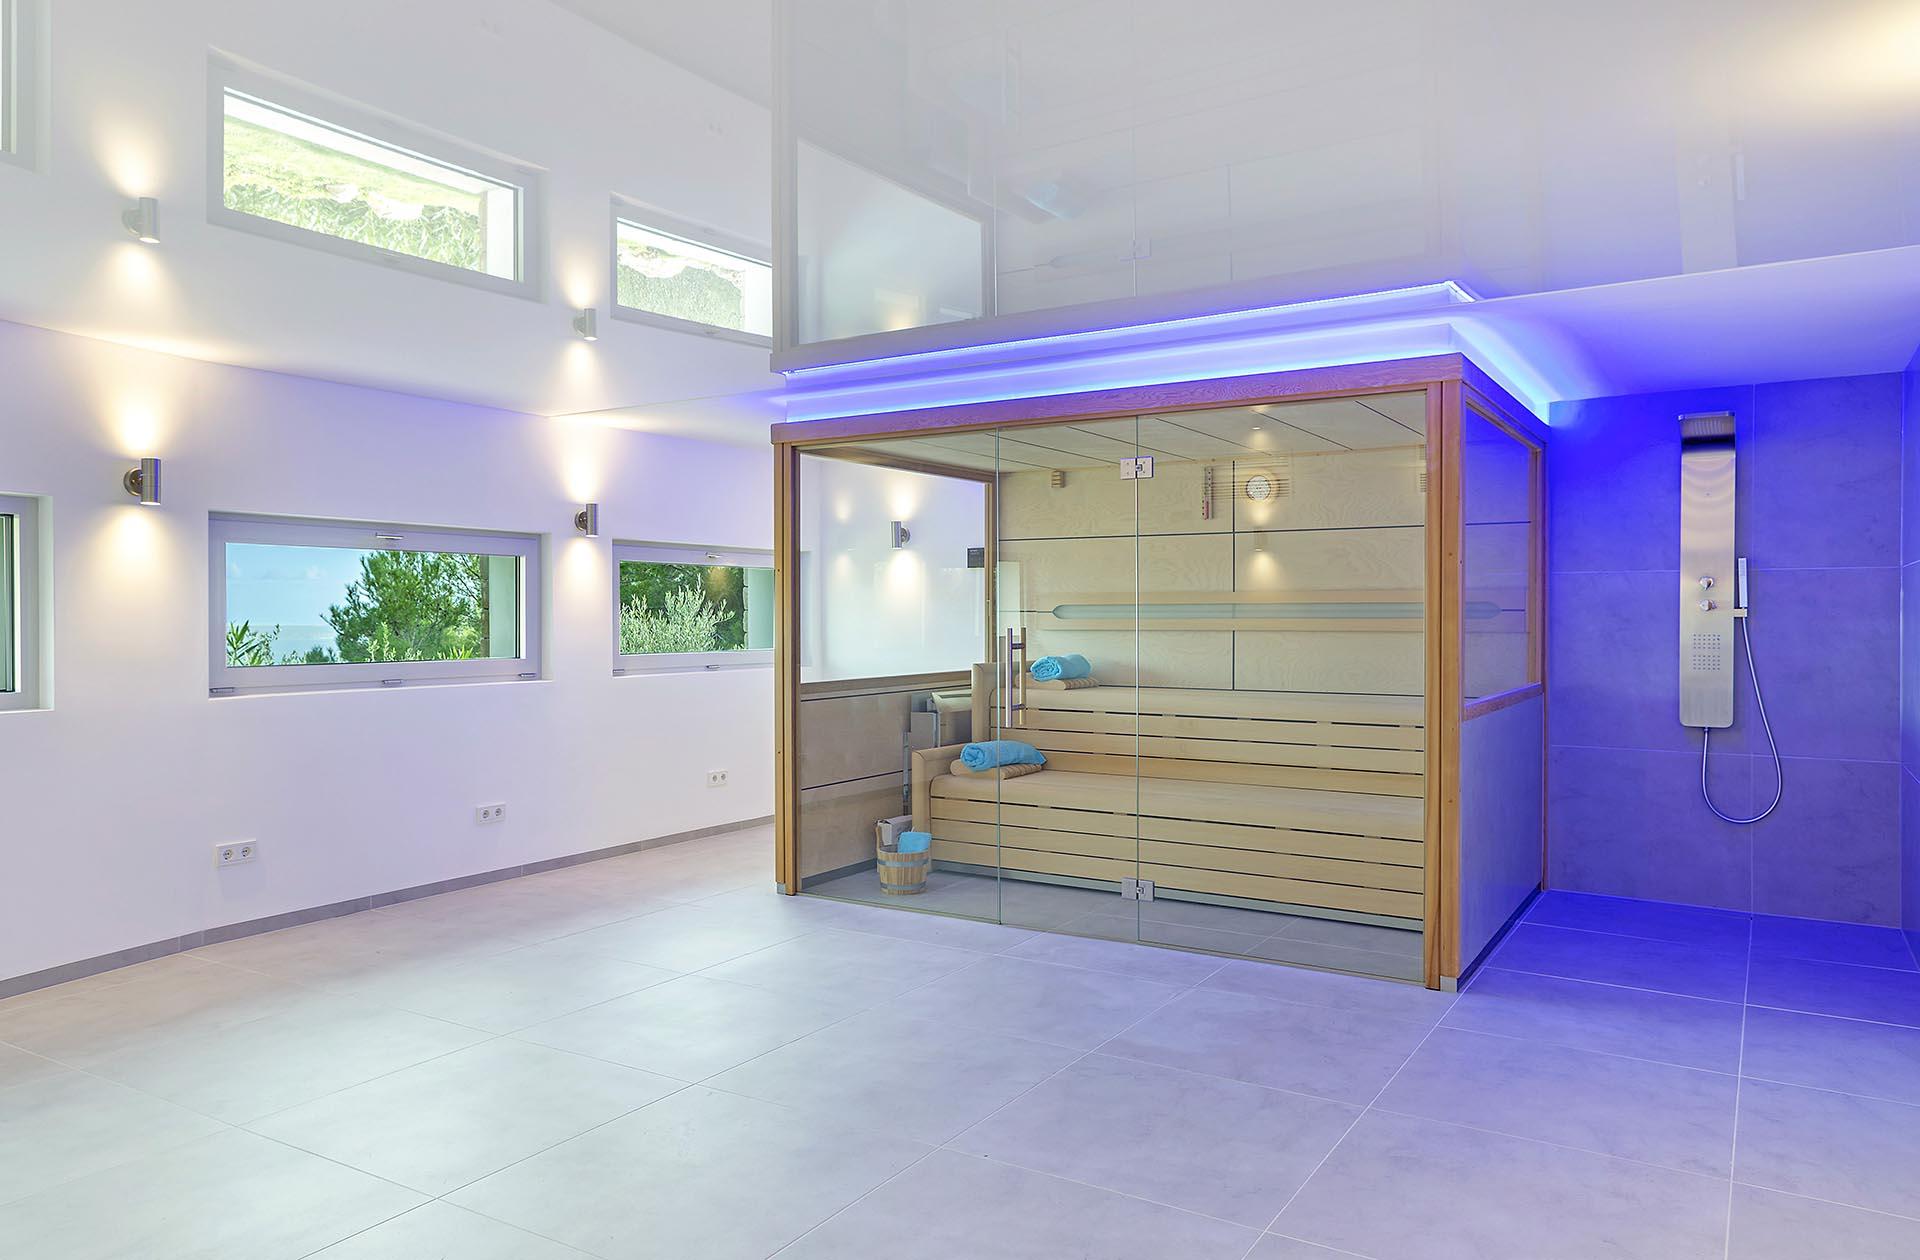 Traumhafte moderne Villa in Costa den Blanes - Luxuriöser Saunabereich